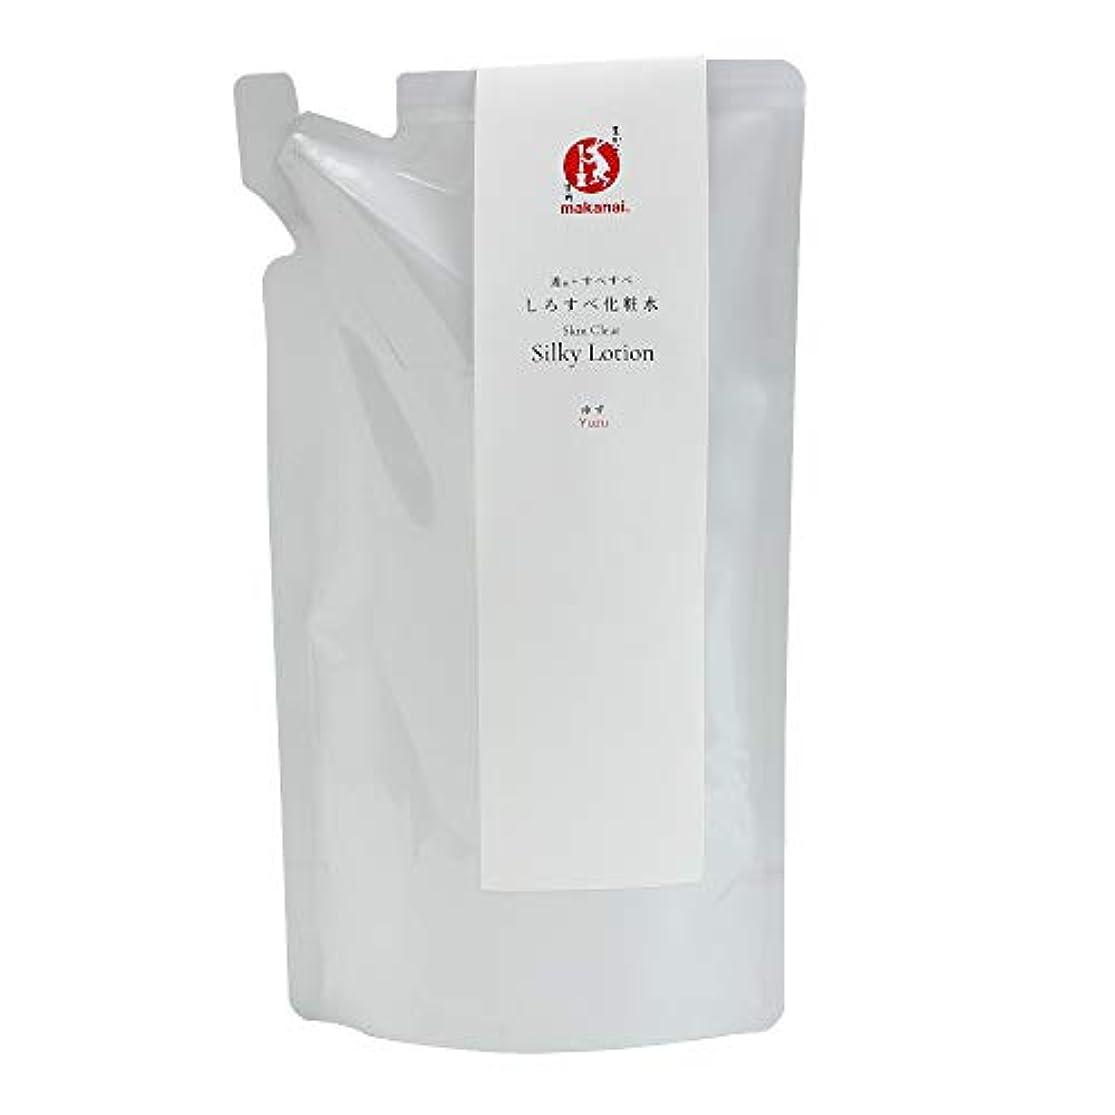 寸前からかう耕すまかないこすめ しろすべ化粧水(詰め替え用) 150ml